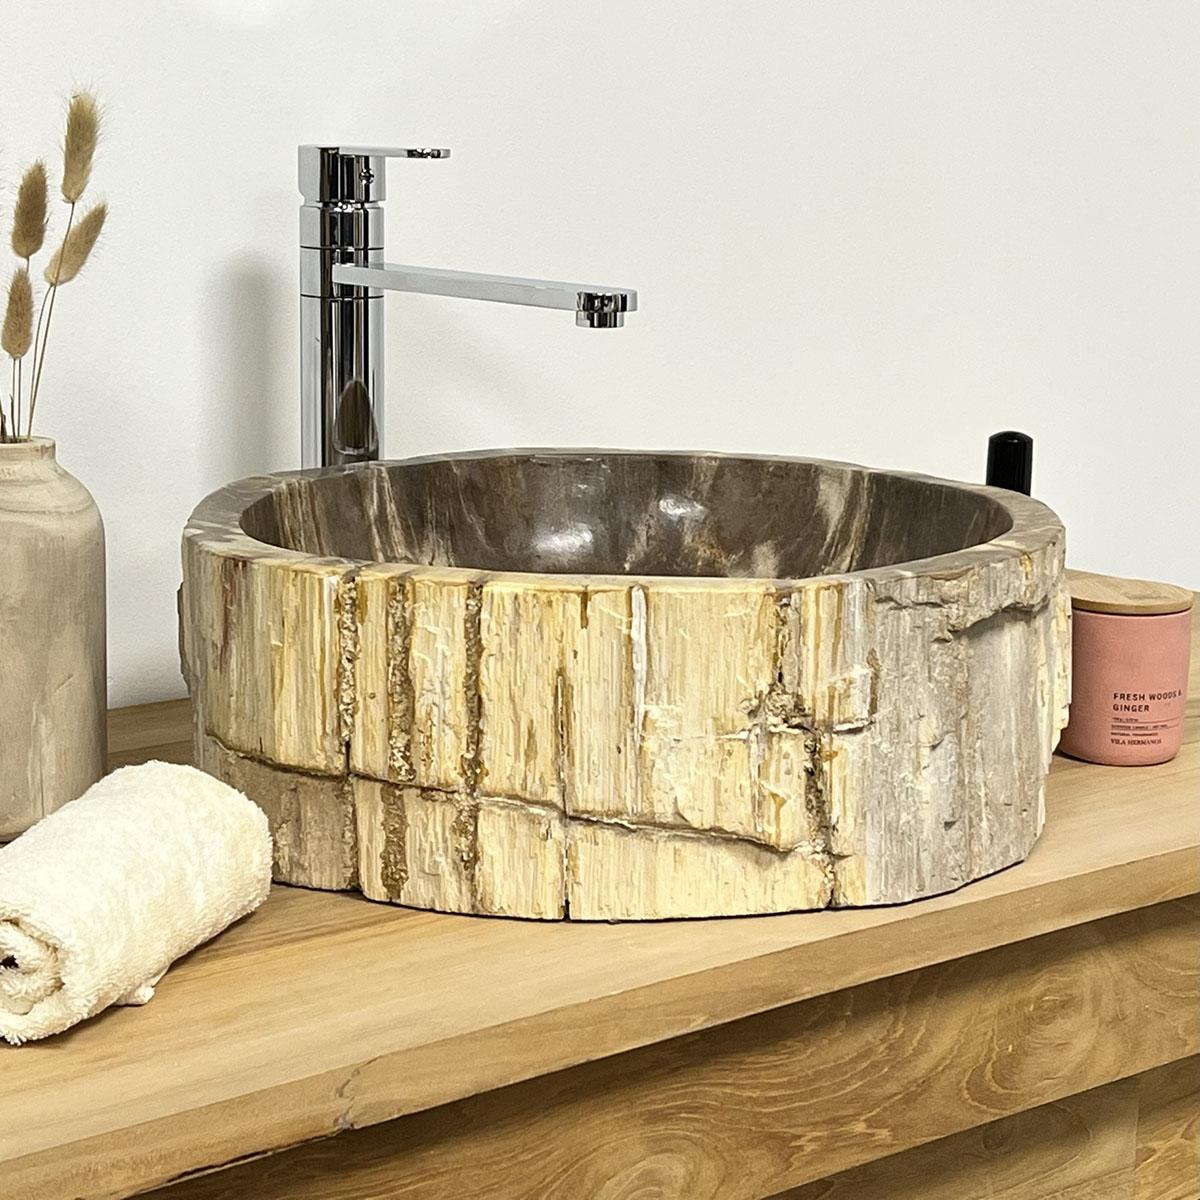 lavabo de salle de bain en bois p trifi fossilis beige l 40 cm. Black Bedroom Furniture Sets. Home Design Ideas